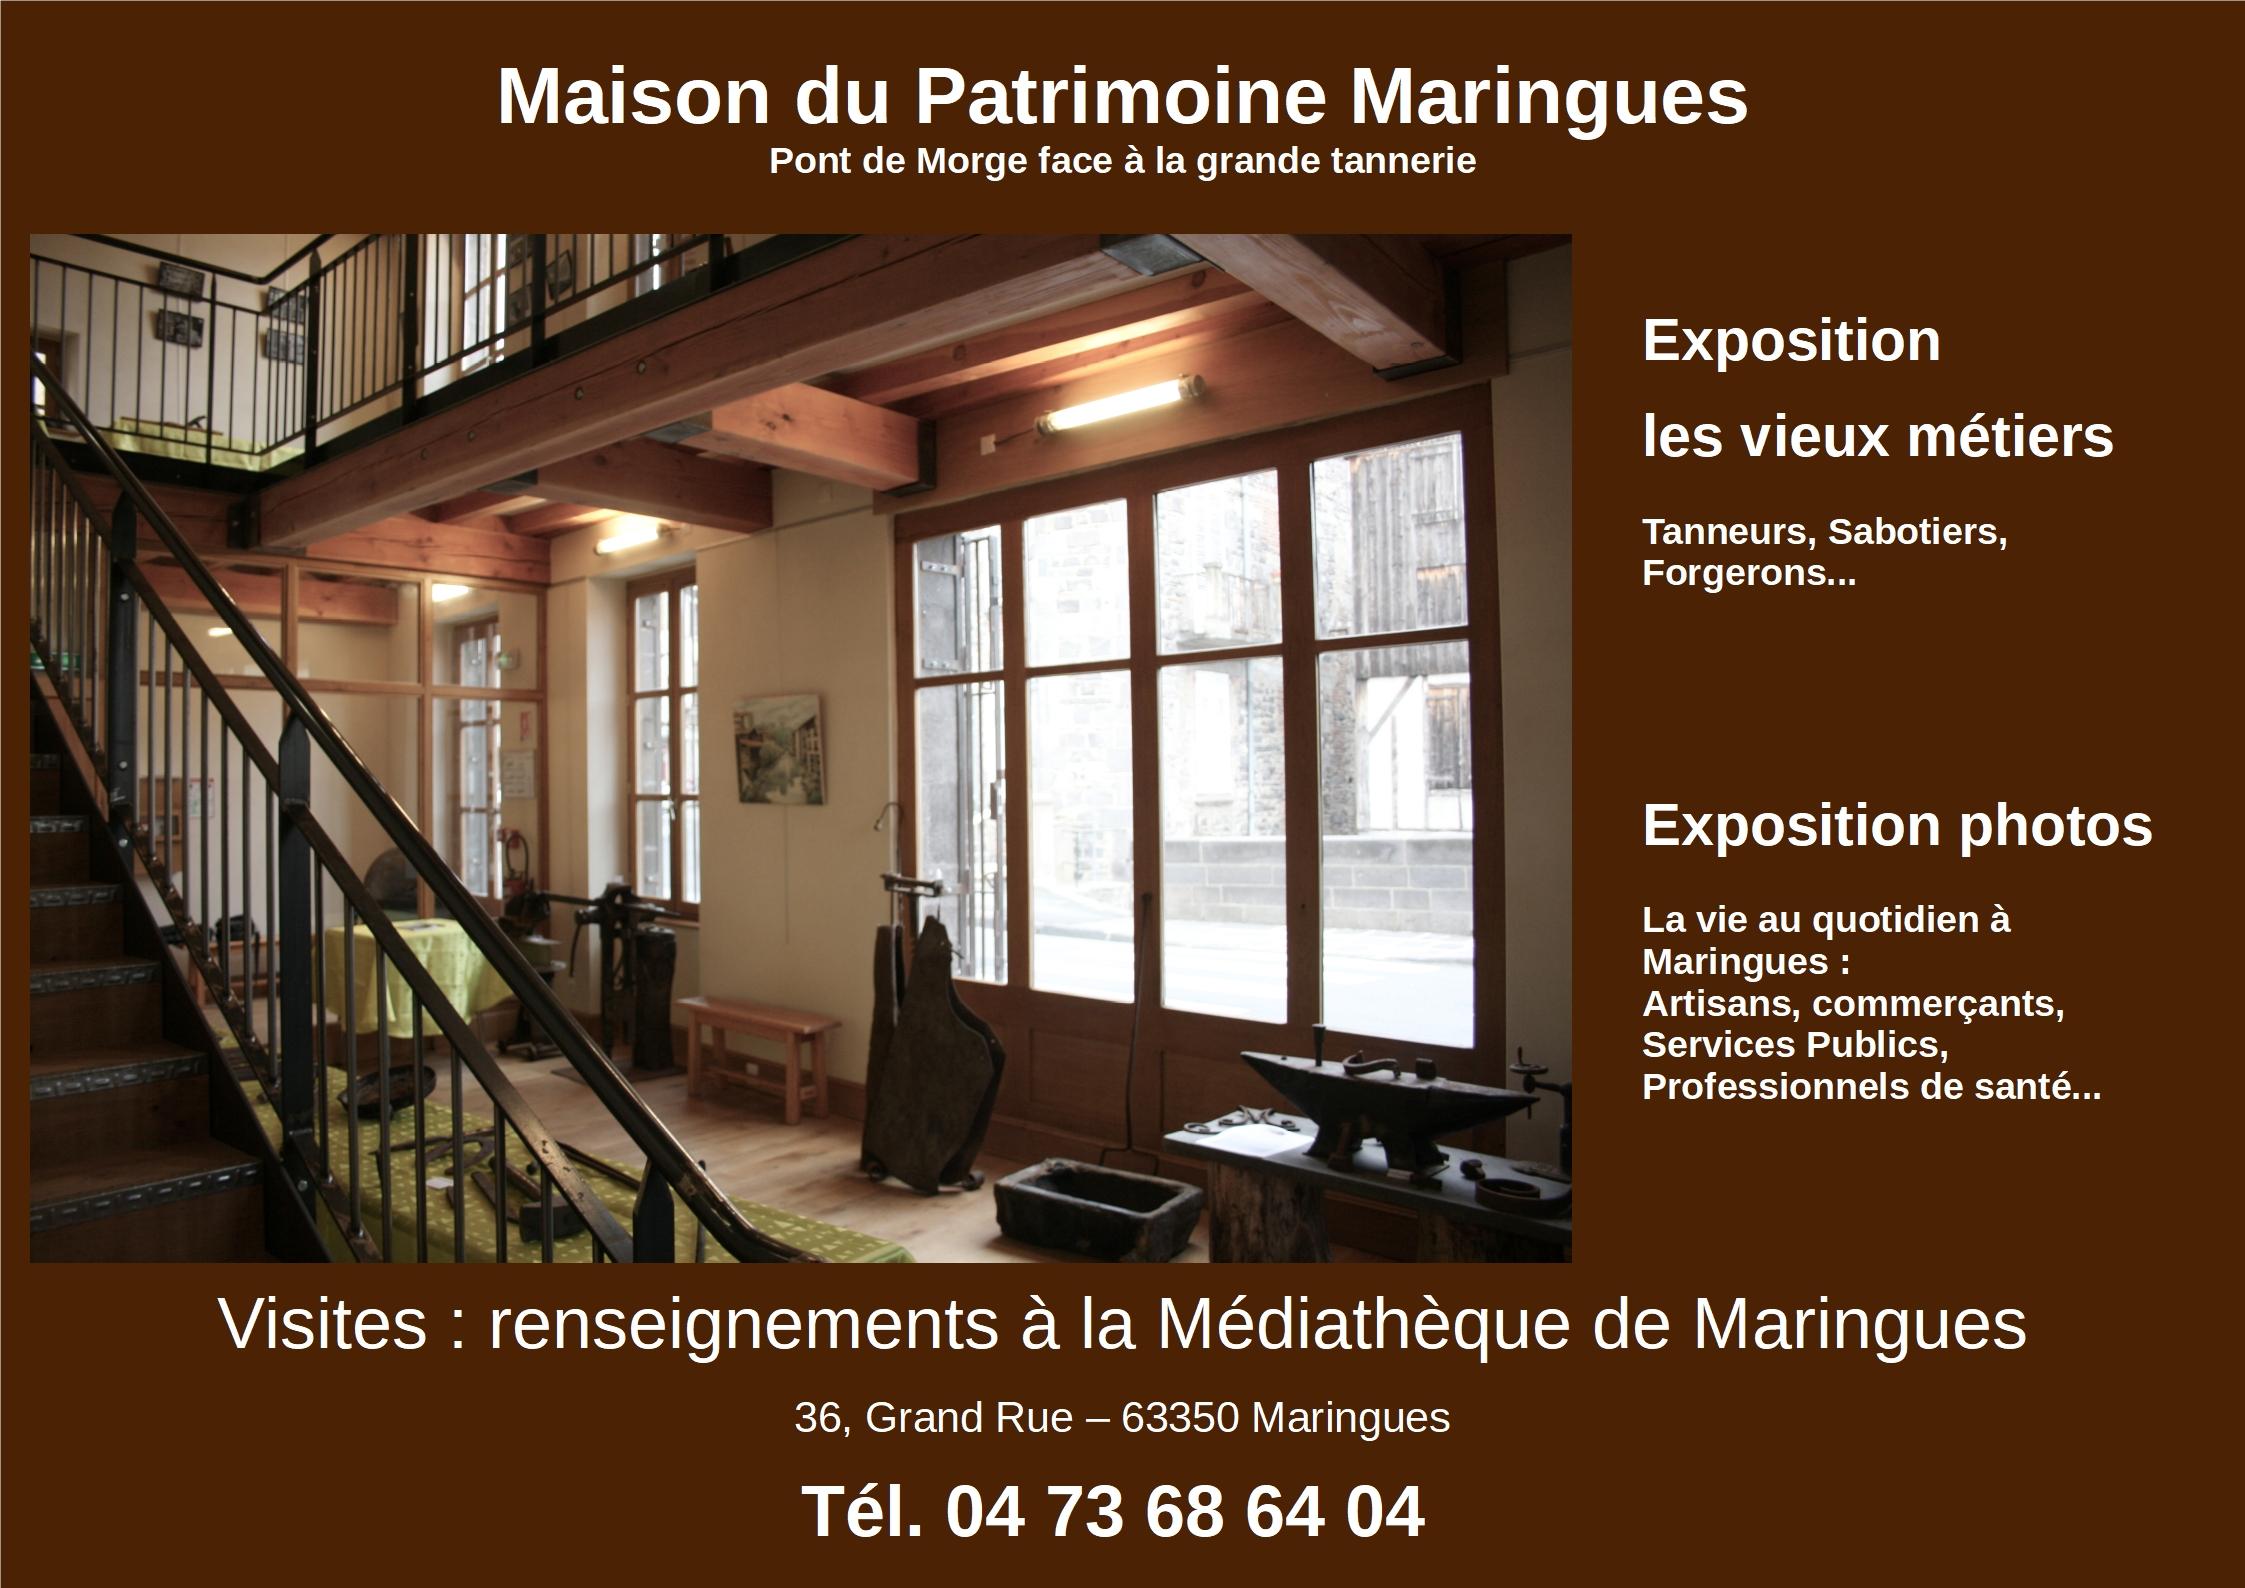 Visitez la Maison du Patrimoine de Maringues